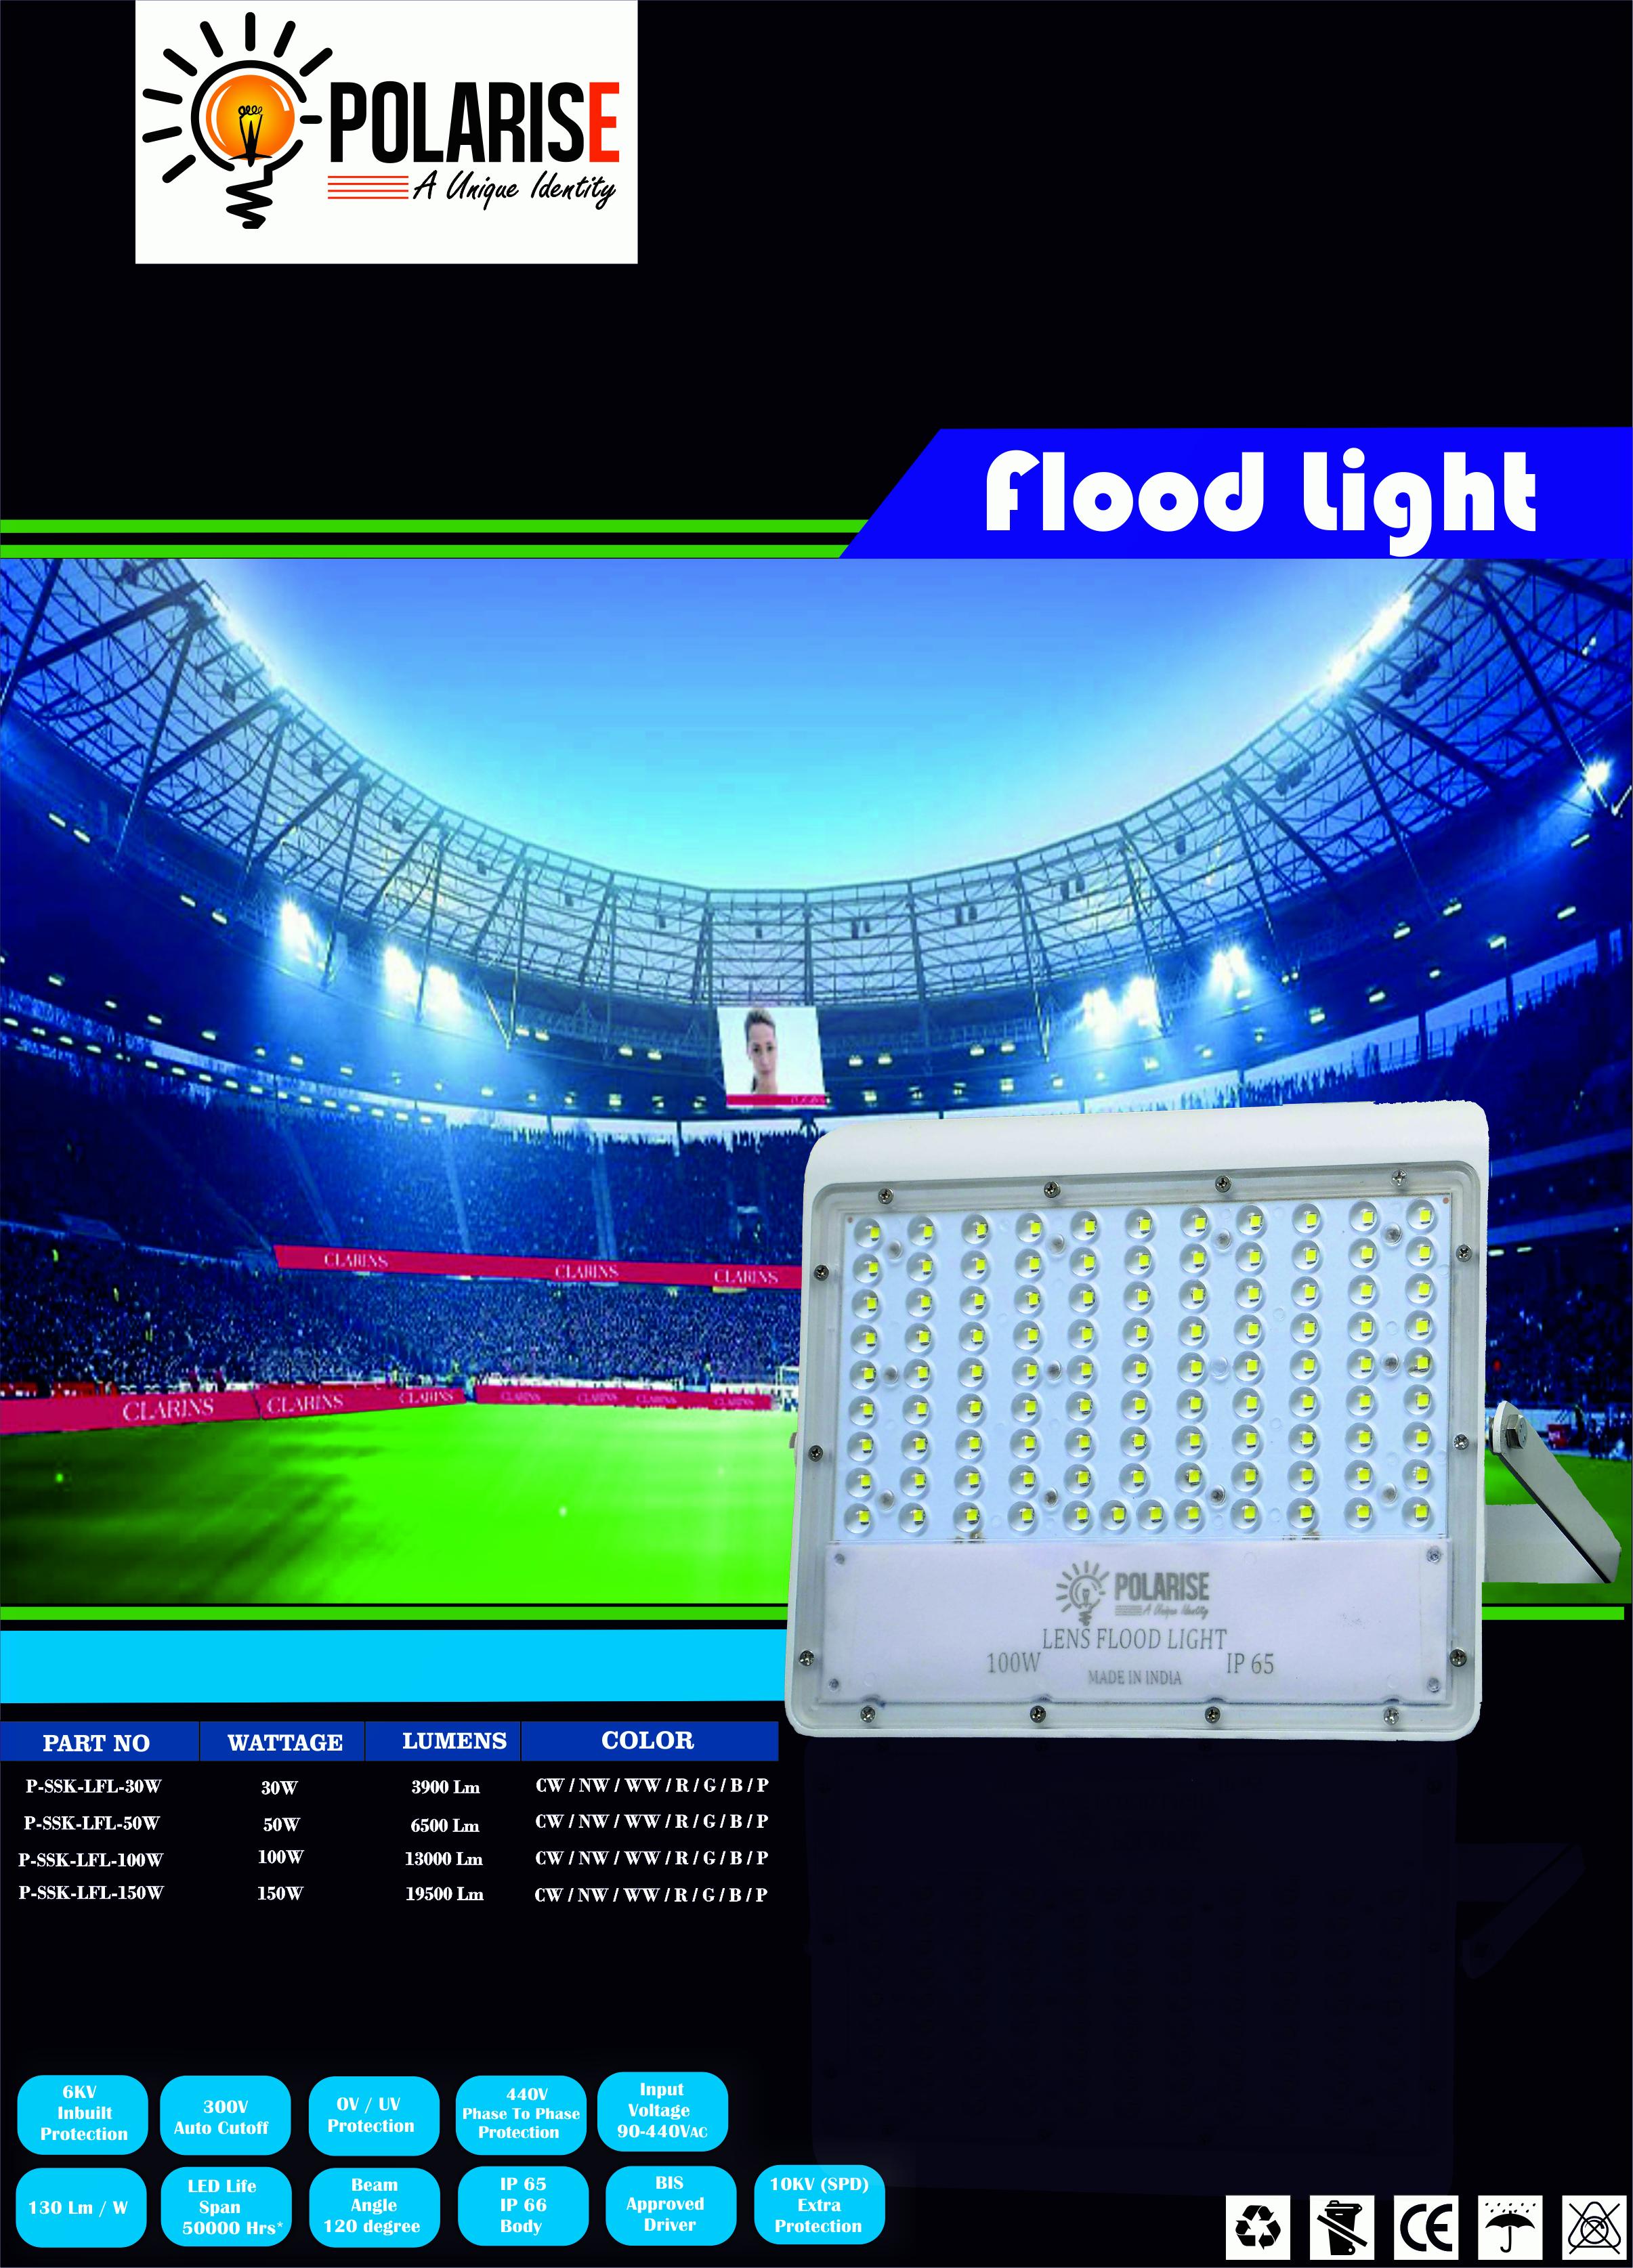 100W Lens Flood Light